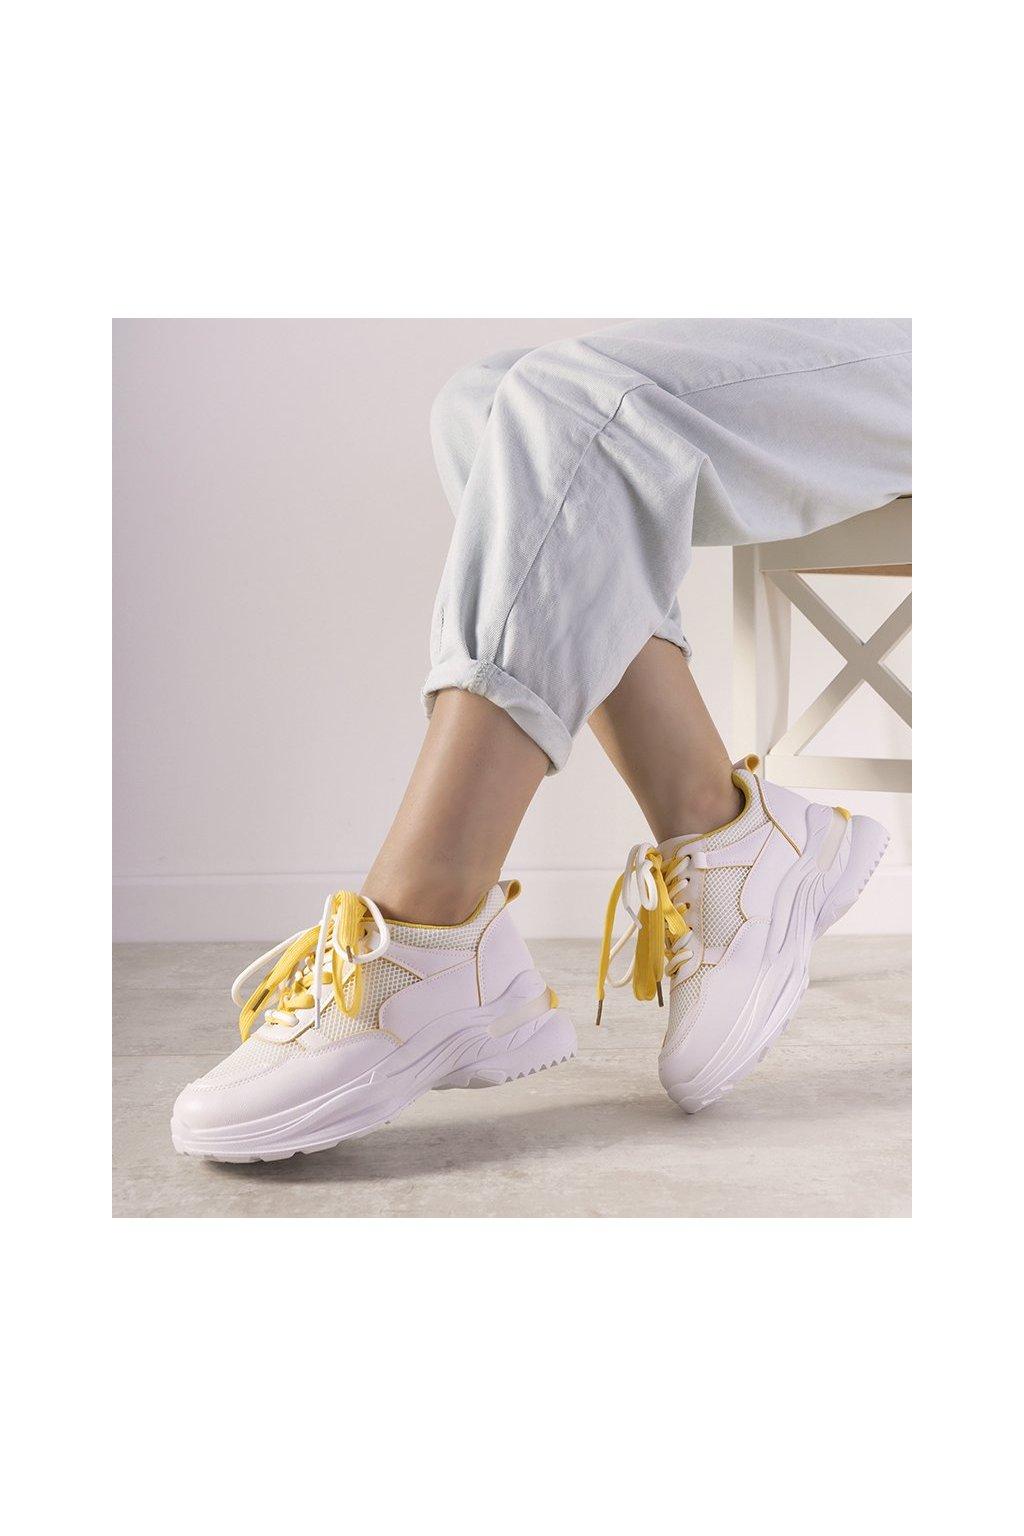 Dámske topánky tenisky biele kód B0-563 - GM